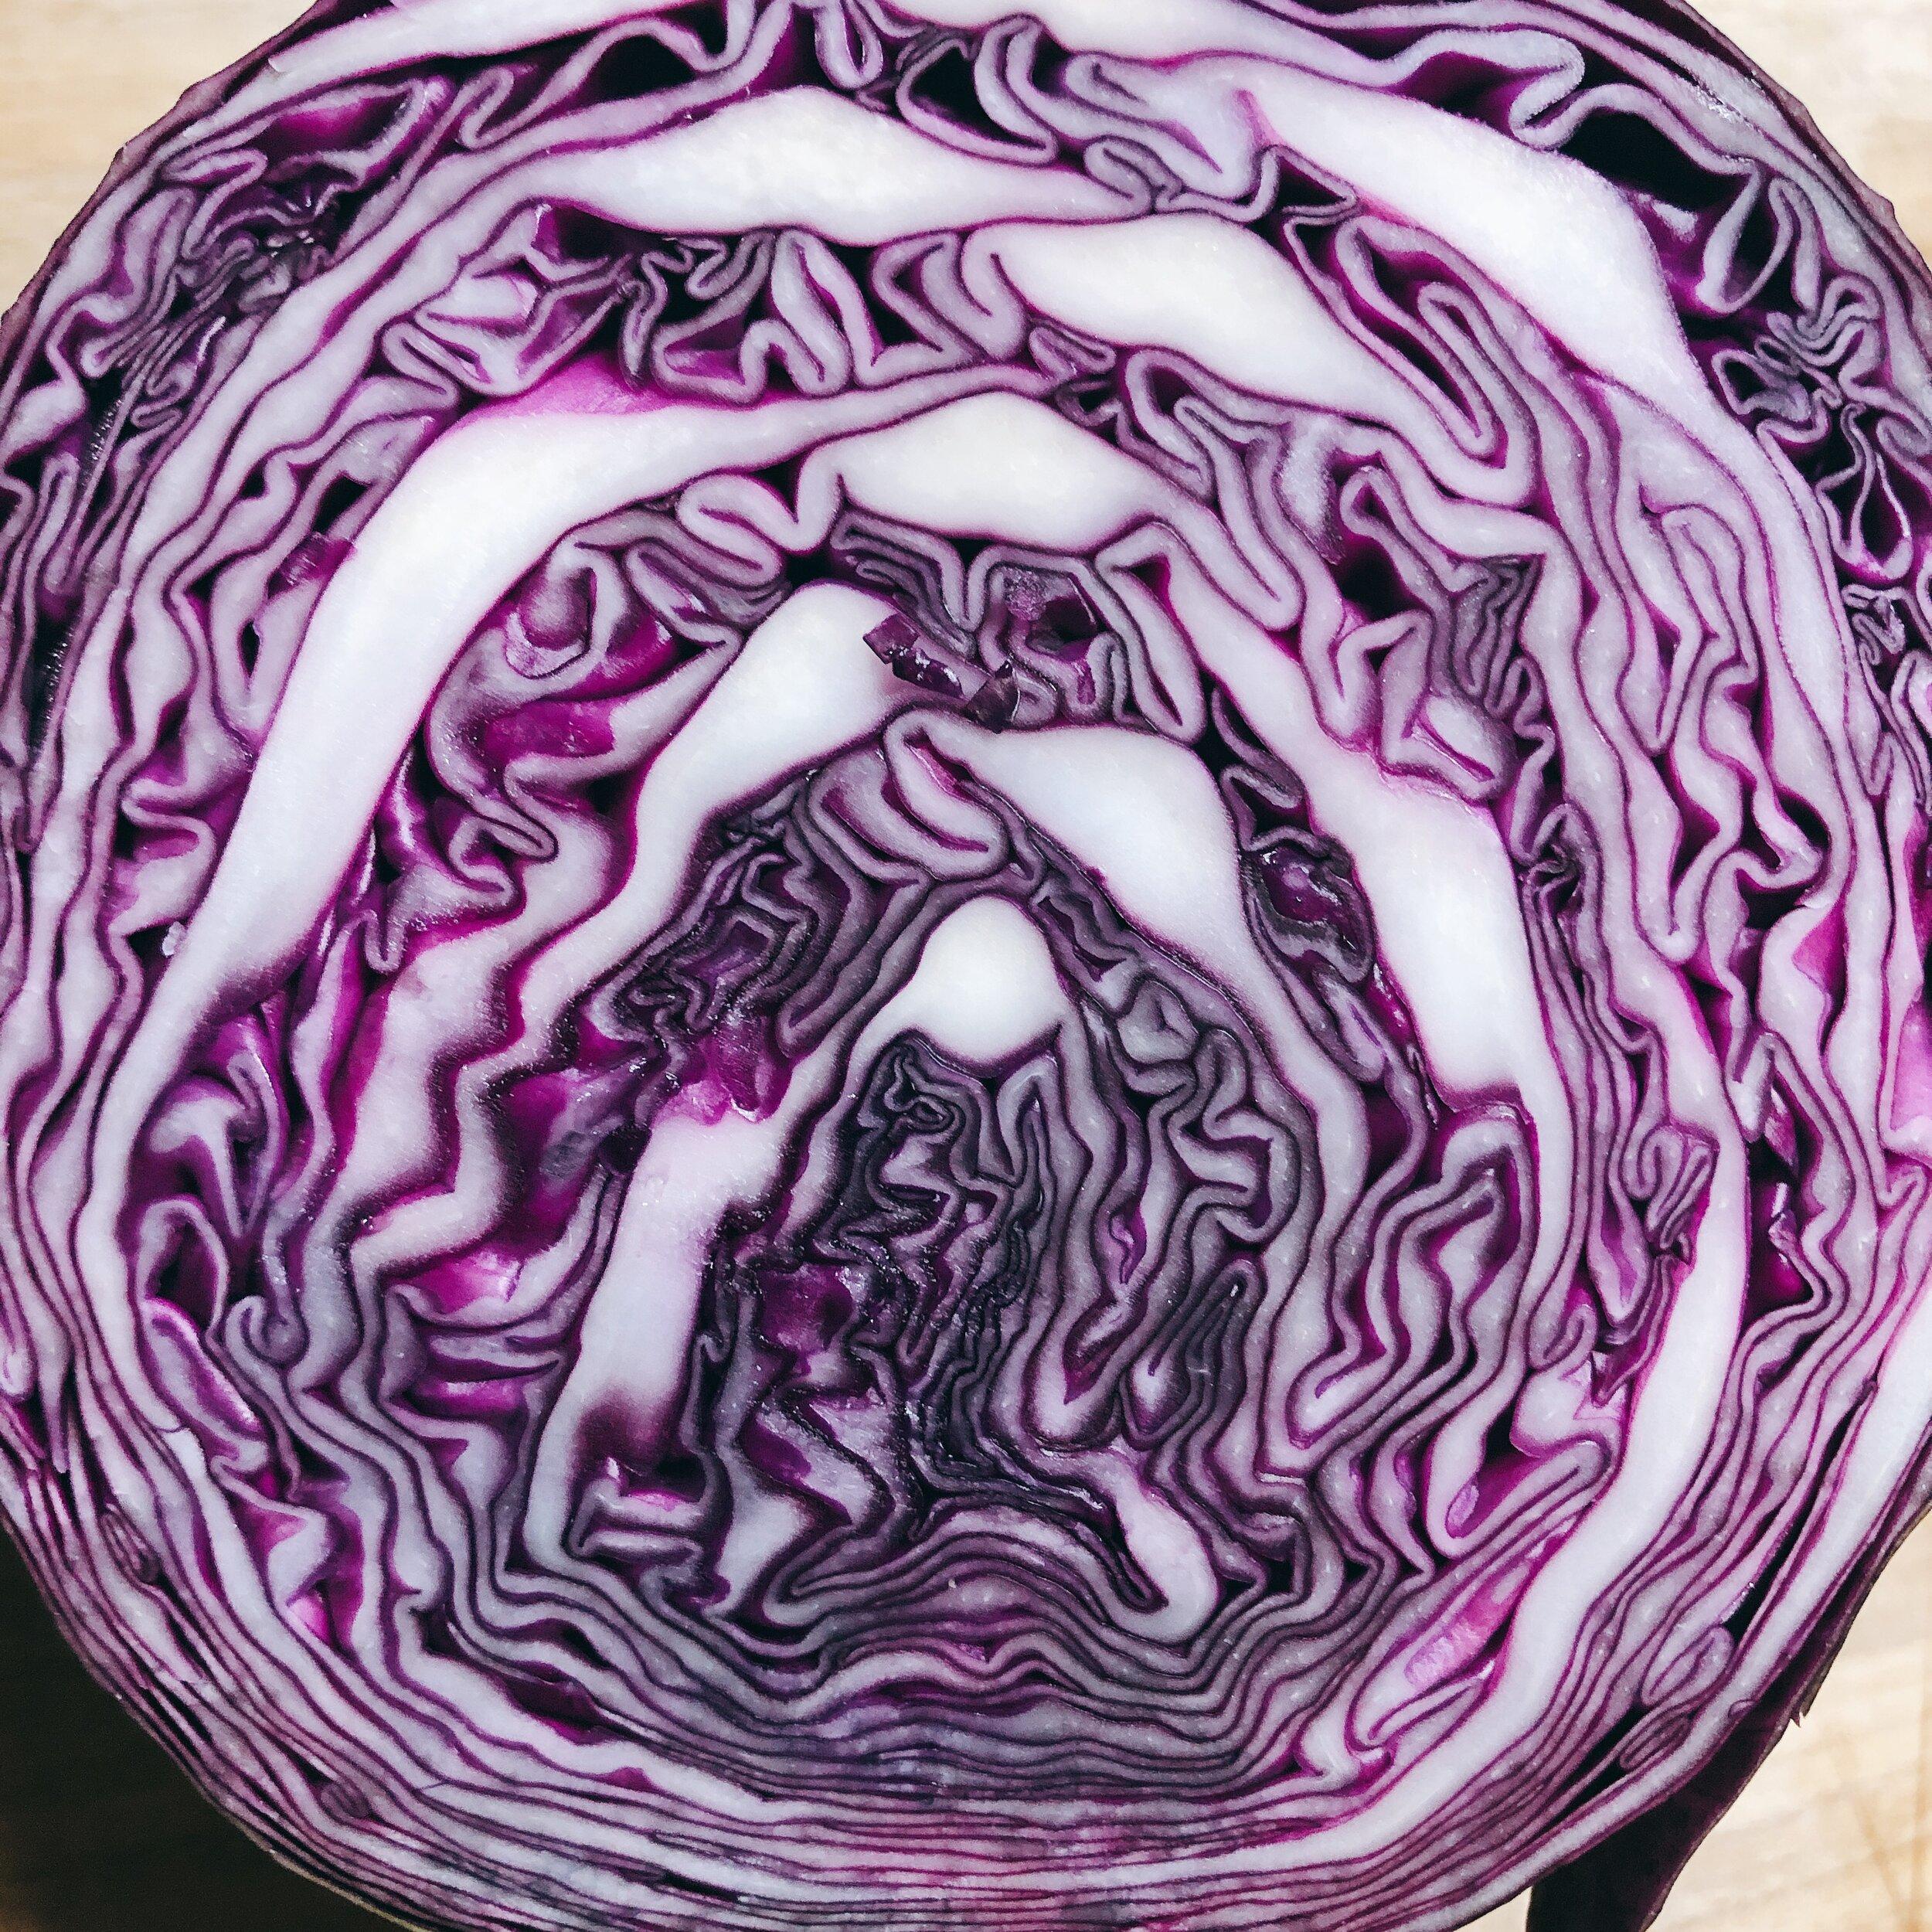 野菜の断面の色合いとフォルムの美しさに魅了されてみたり。